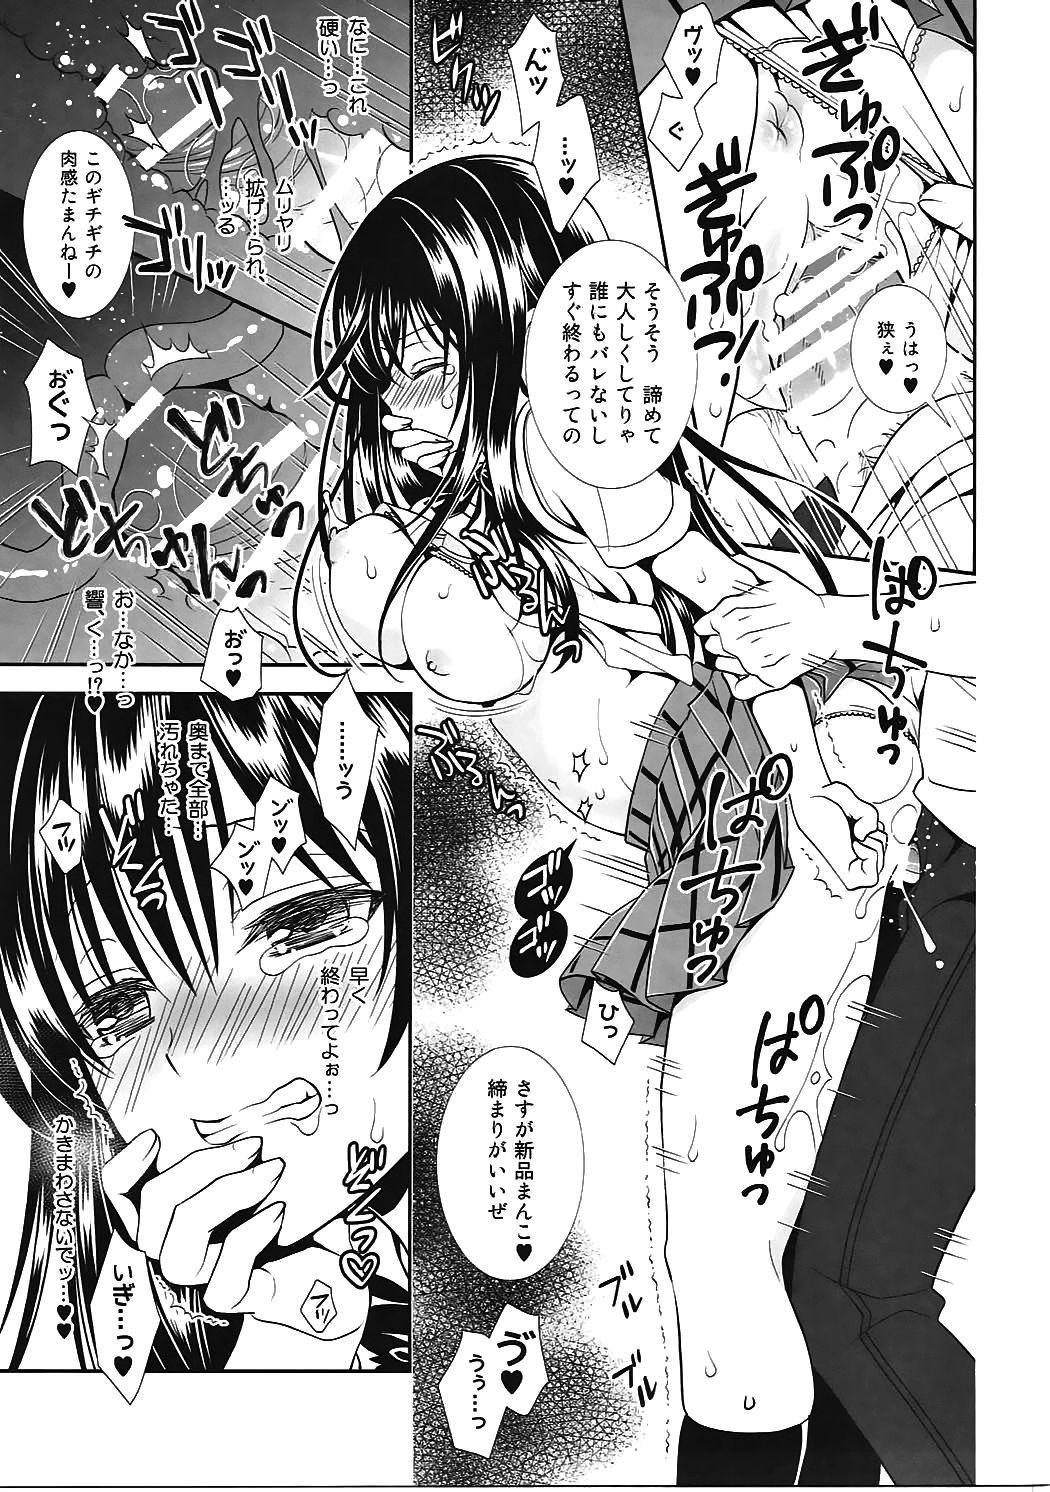 [Azukiya (Tsubuan)] Densha de To LOVE-ru Kotegawa-san (To LOVE-Ru) [Digital] 13